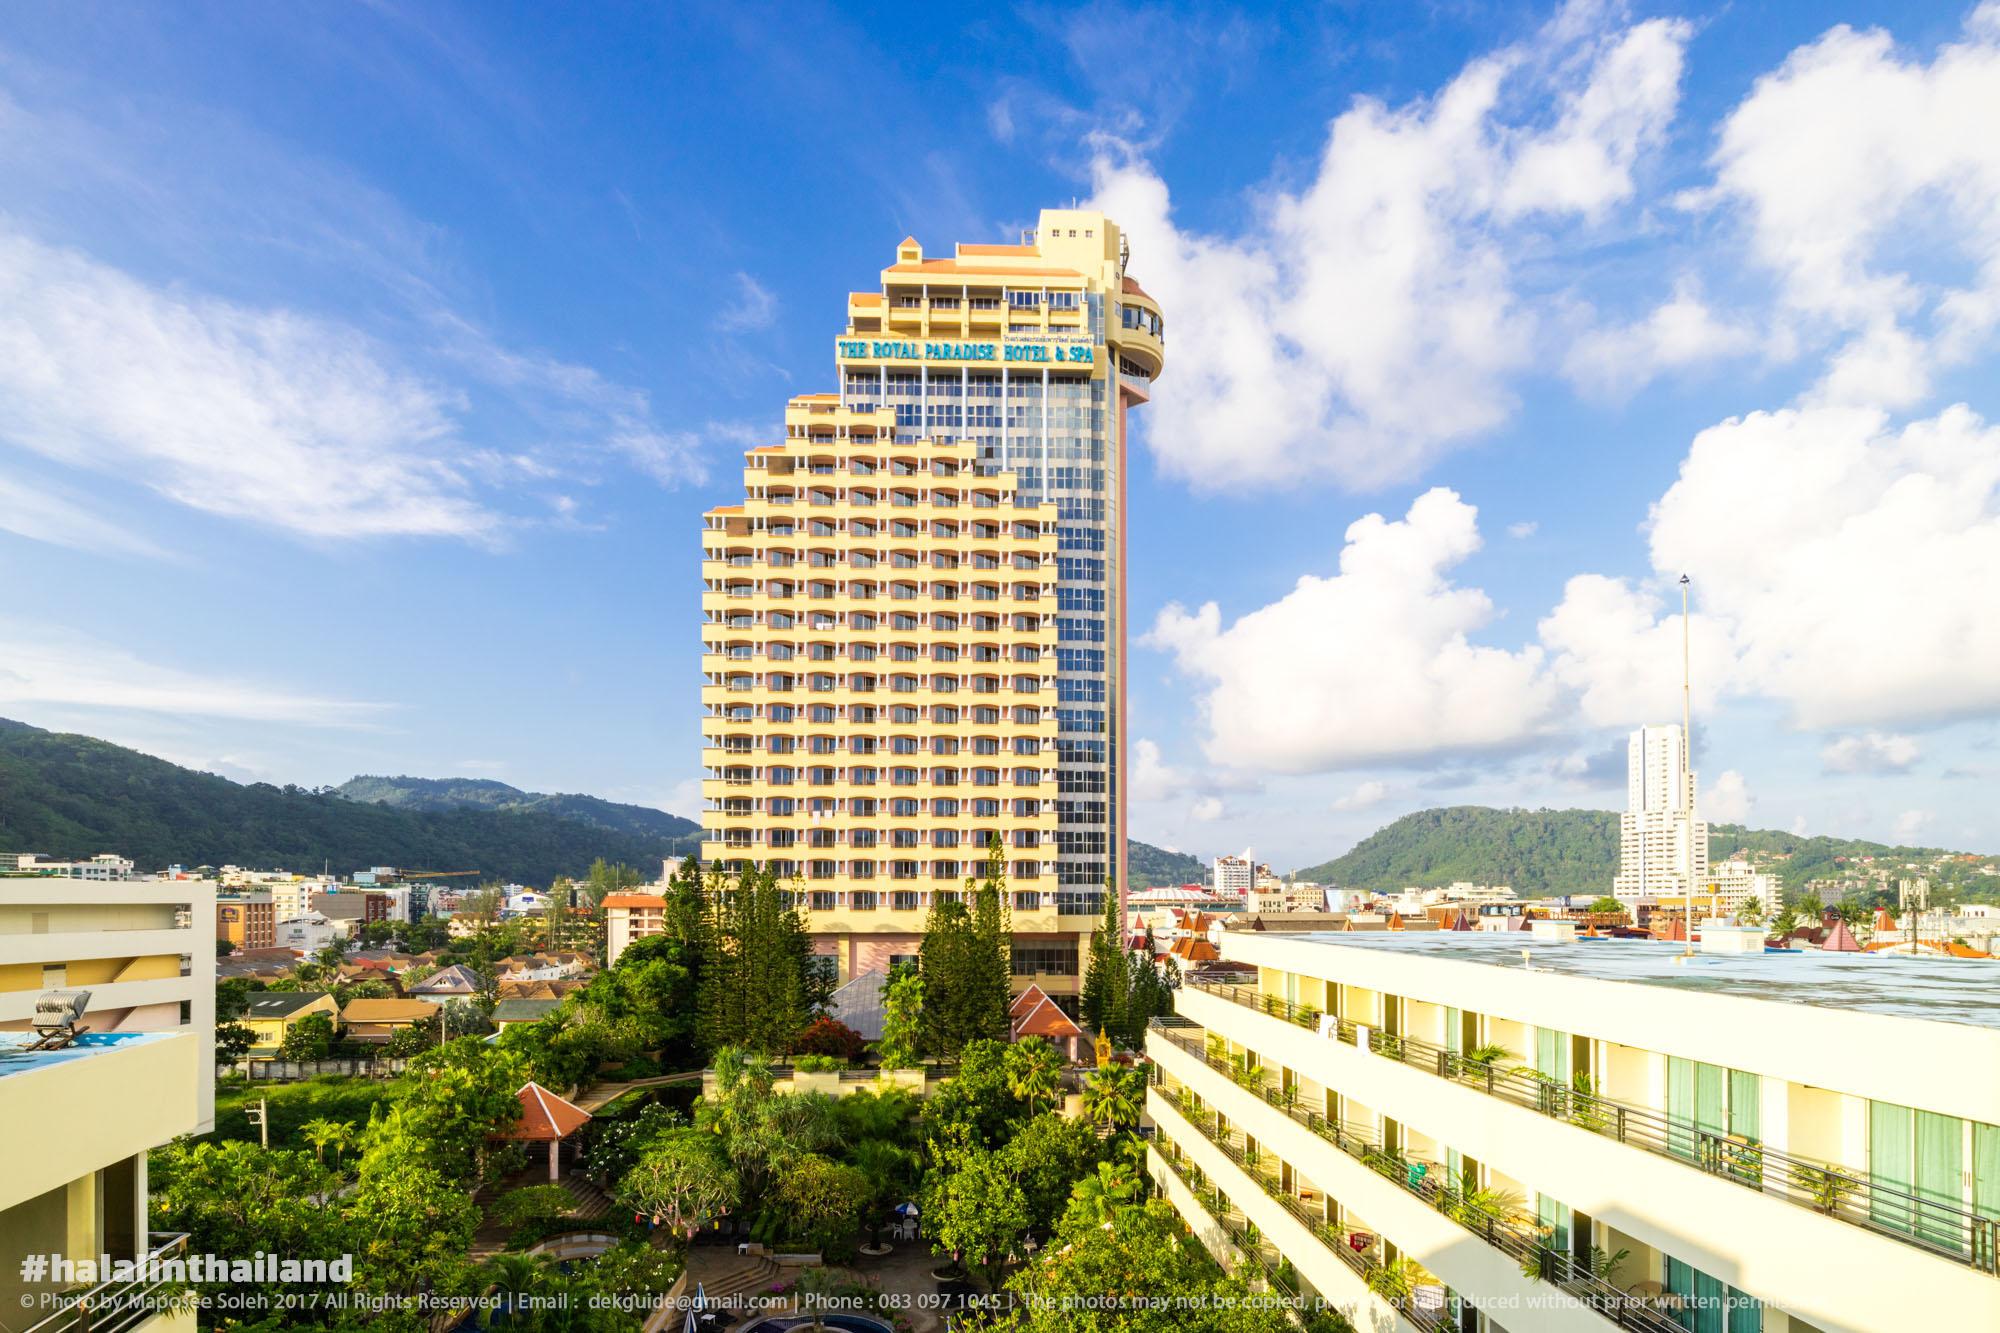 เดอะ รอยัล พาราไดซ์ โฮเทล แอนด์ สปา ภูเก็ต (The Royal Paradise Hotel & Spa)